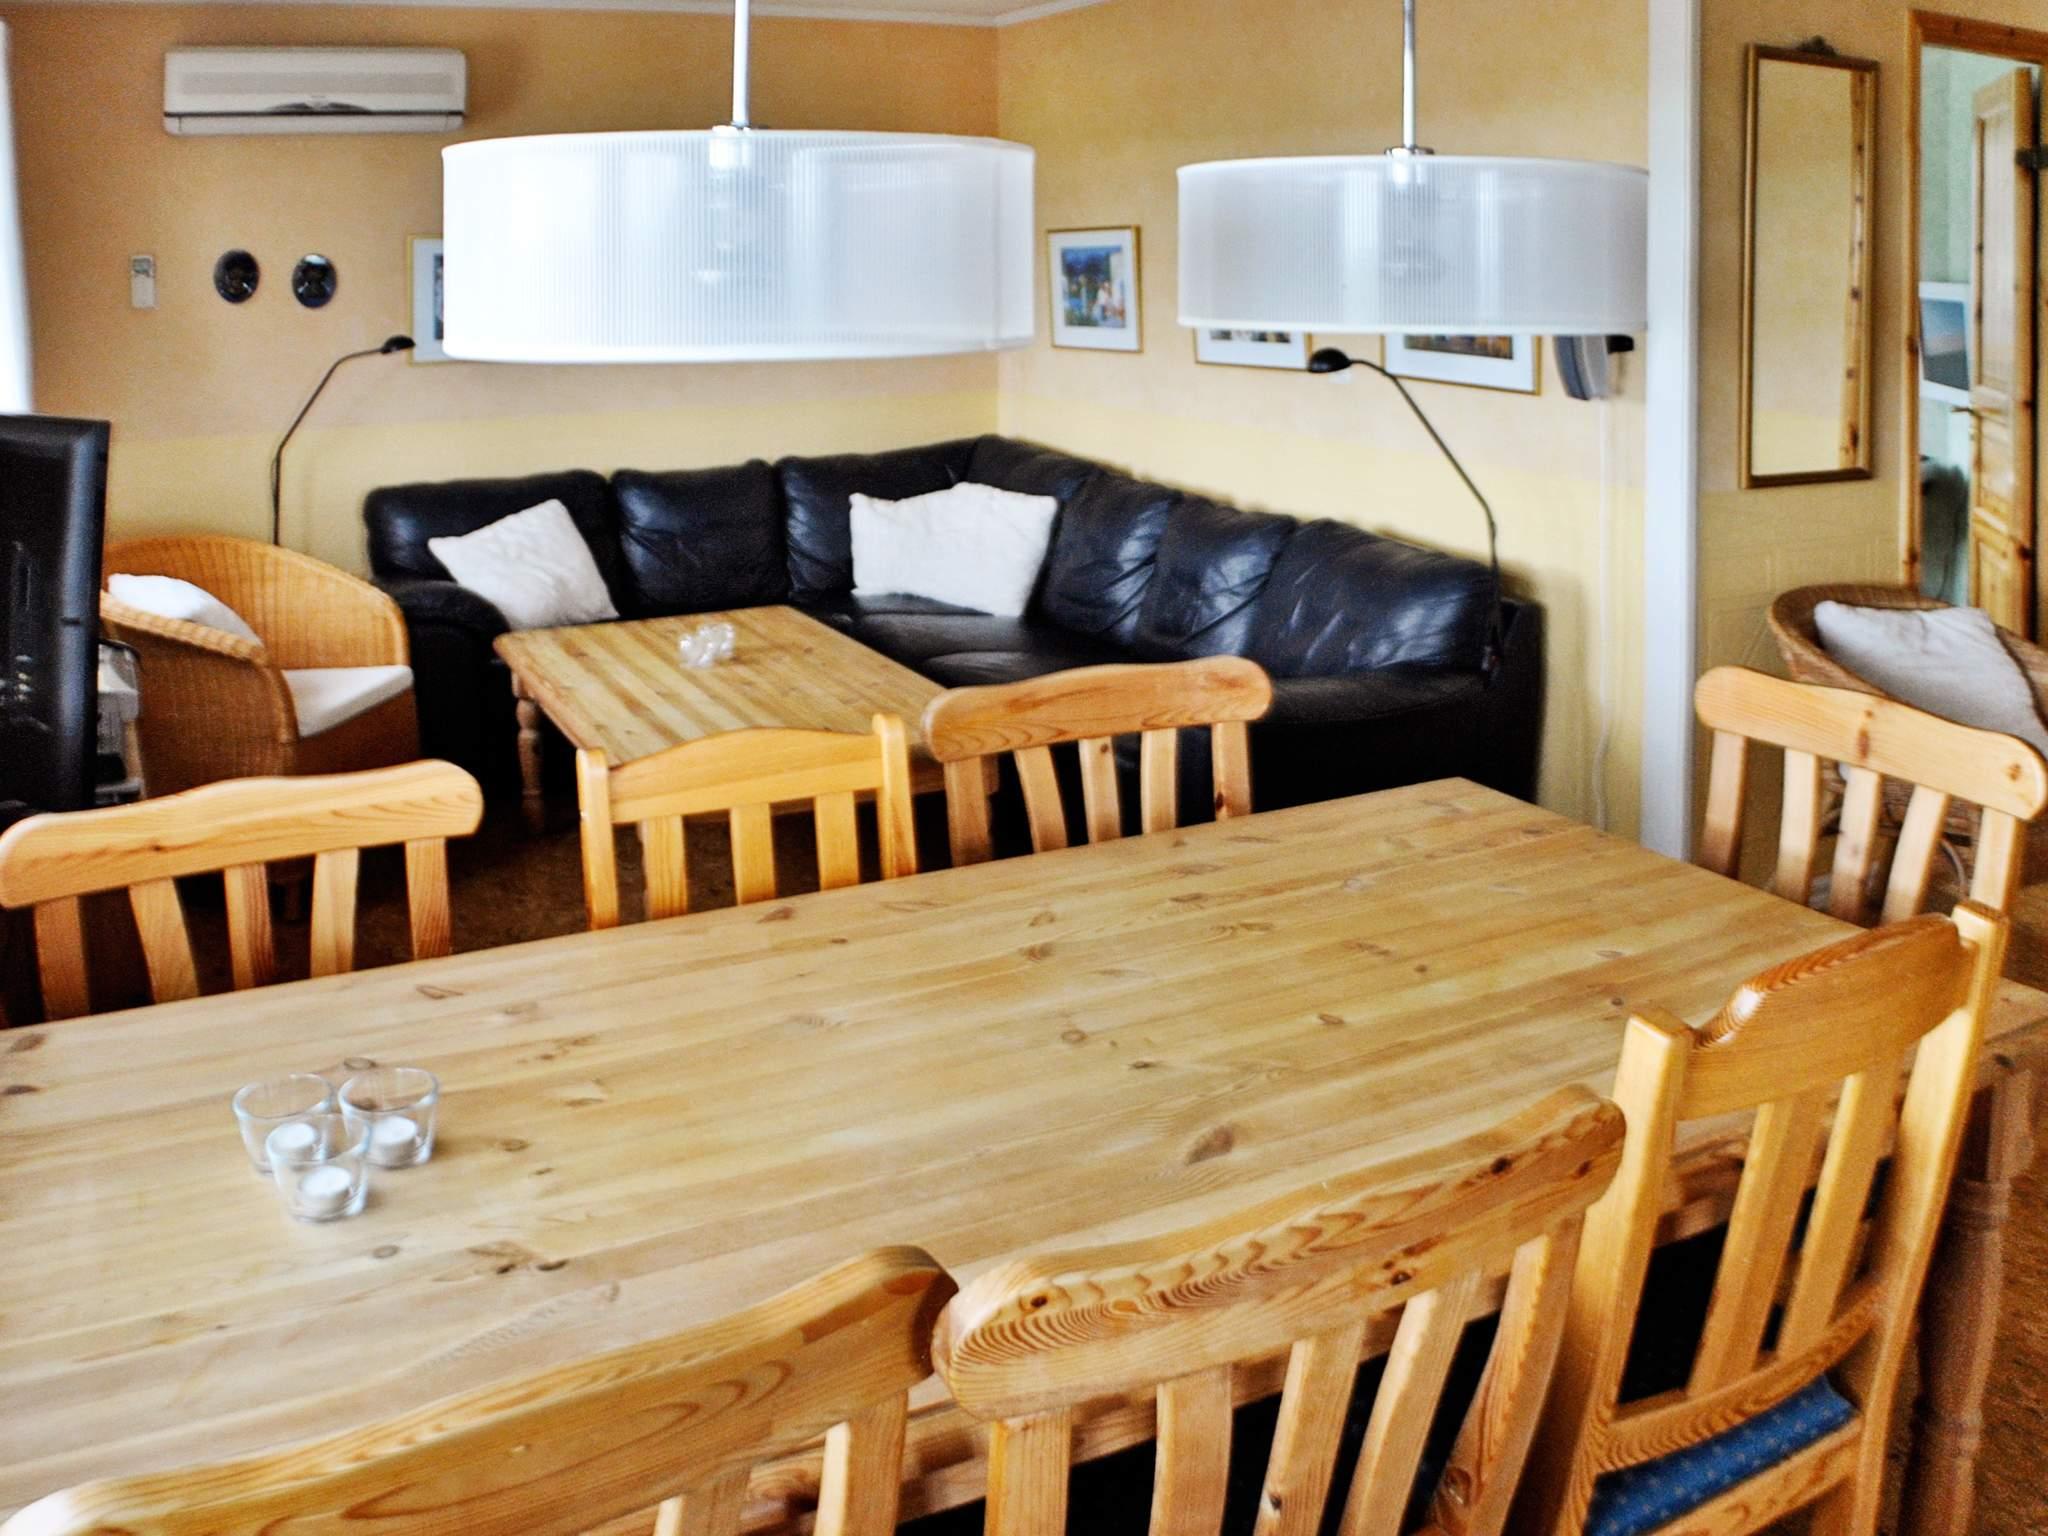 Ferienhaus Sunne (486560), Gräsmark, Värmlands län, Mittelschweden, Schweden, Bild 3